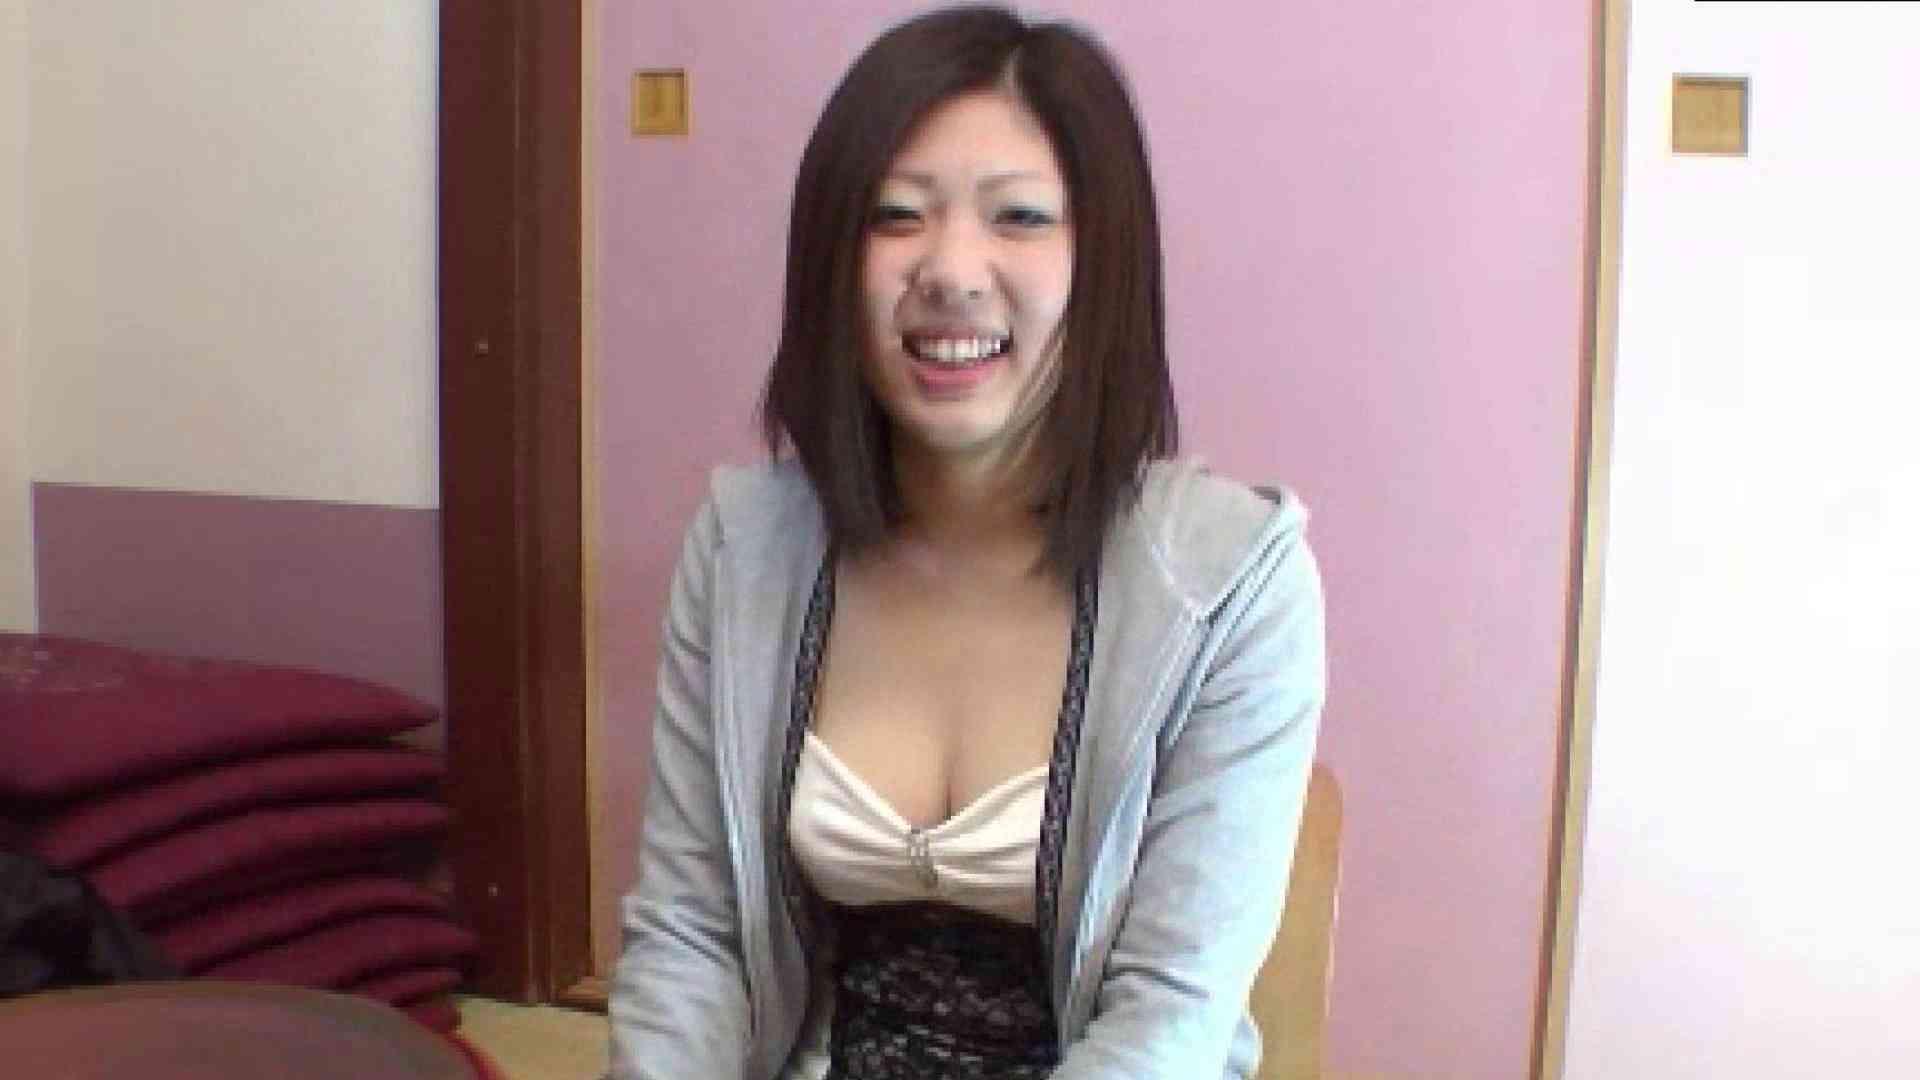 アヘ顔のわたしってどうかしら Vol.042 むっちり熟女 おめこ無修正動画無料 82枚 4